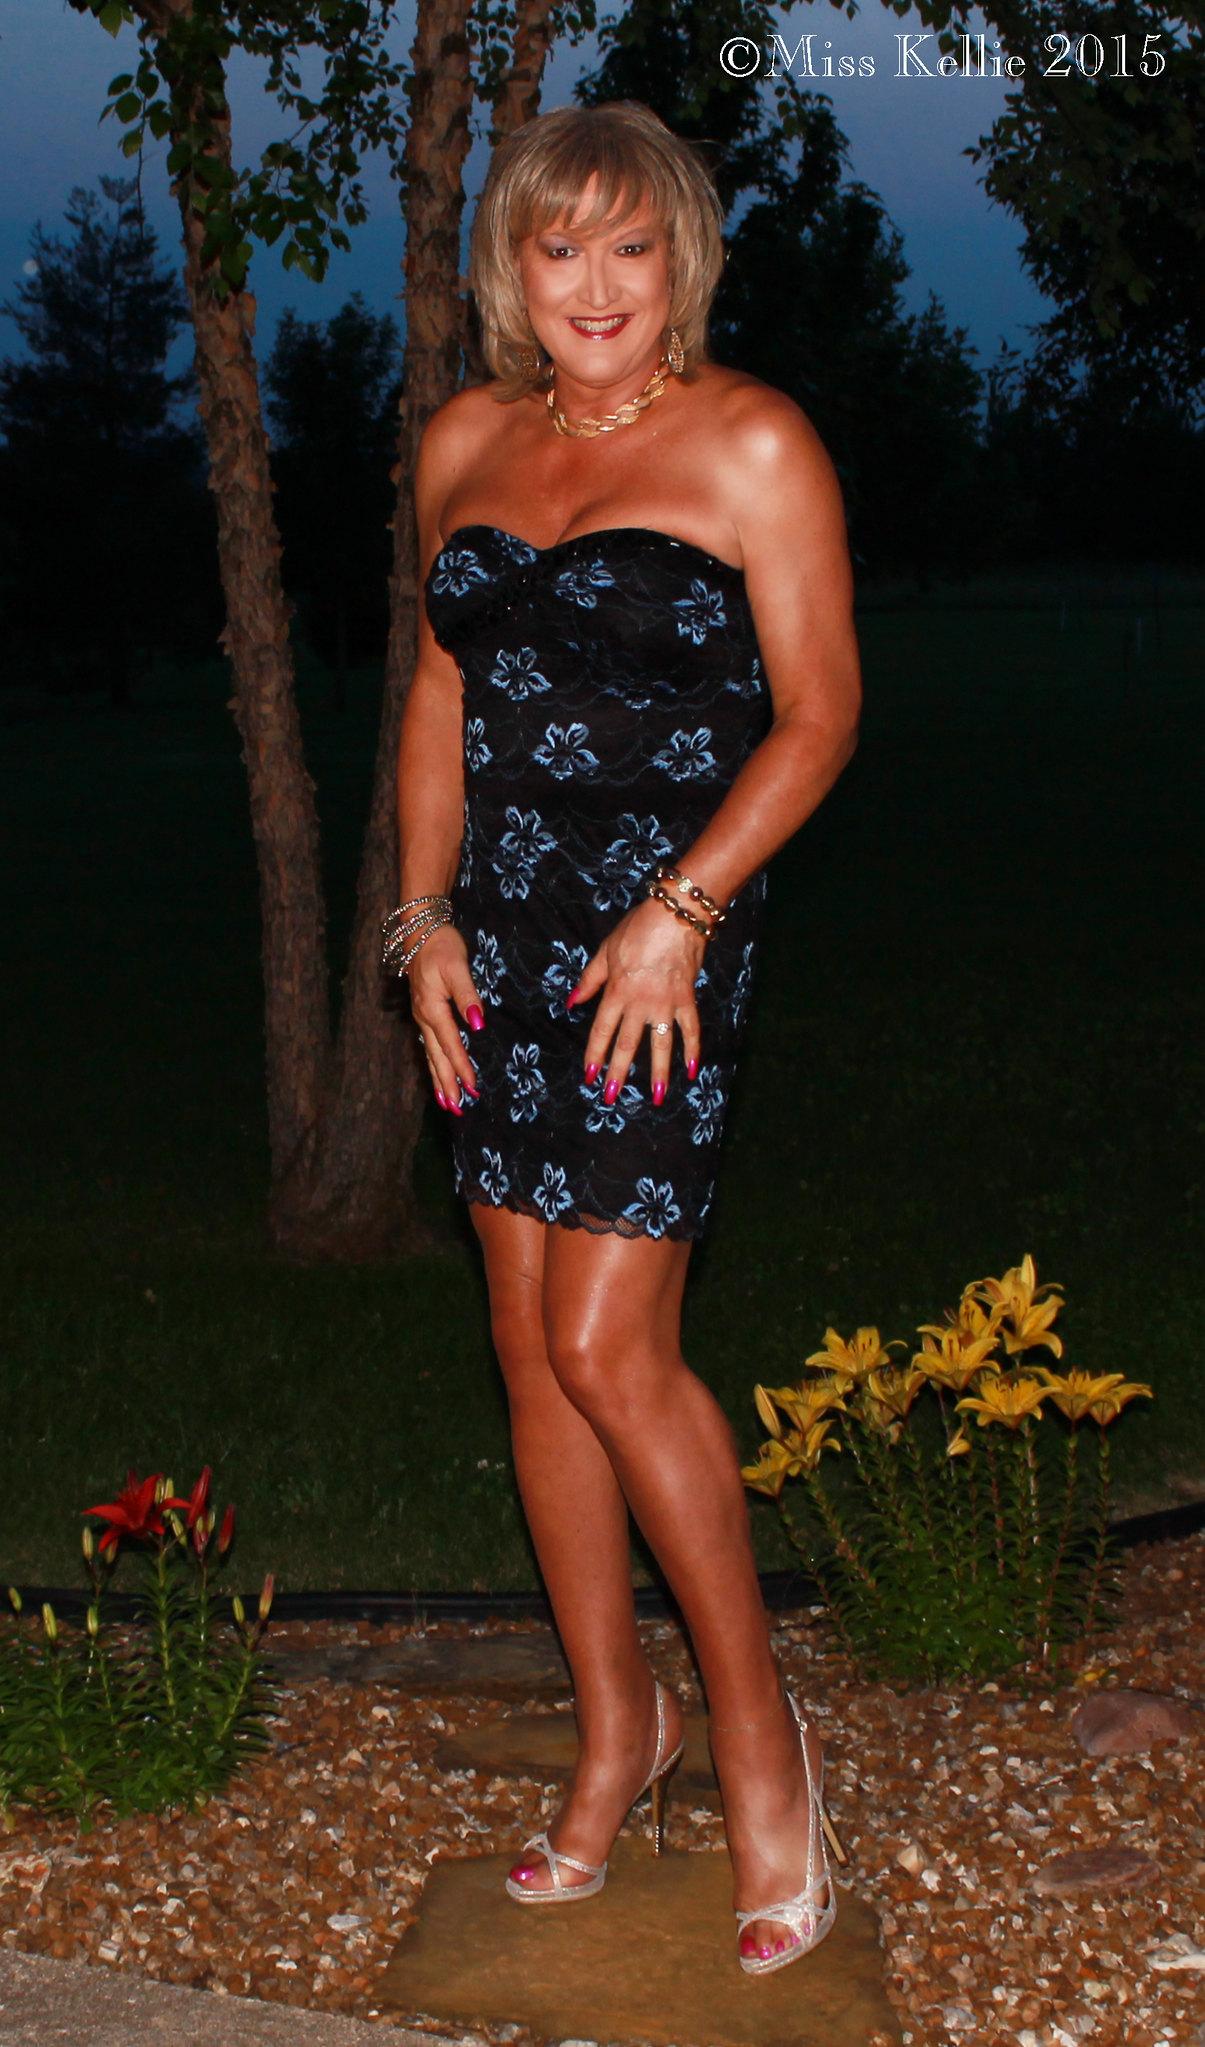 Miss Kellie Flickr Sharing